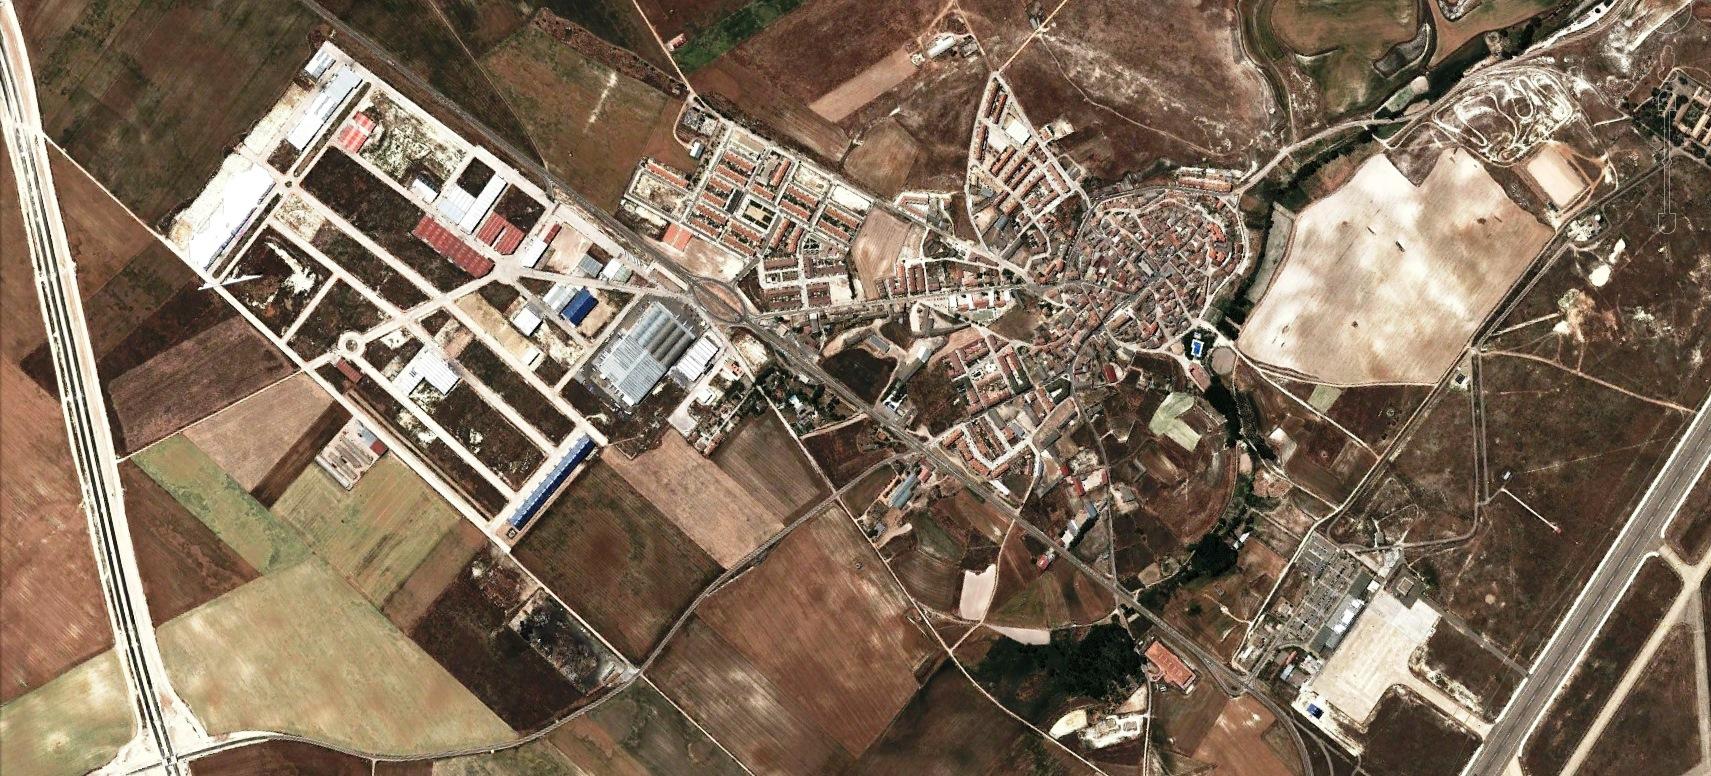 después, urbanismo, foto aérea,desastre, urbanístico, planeamiento, urbano, construcción,Villanubla, Valladolid,aeropuerto